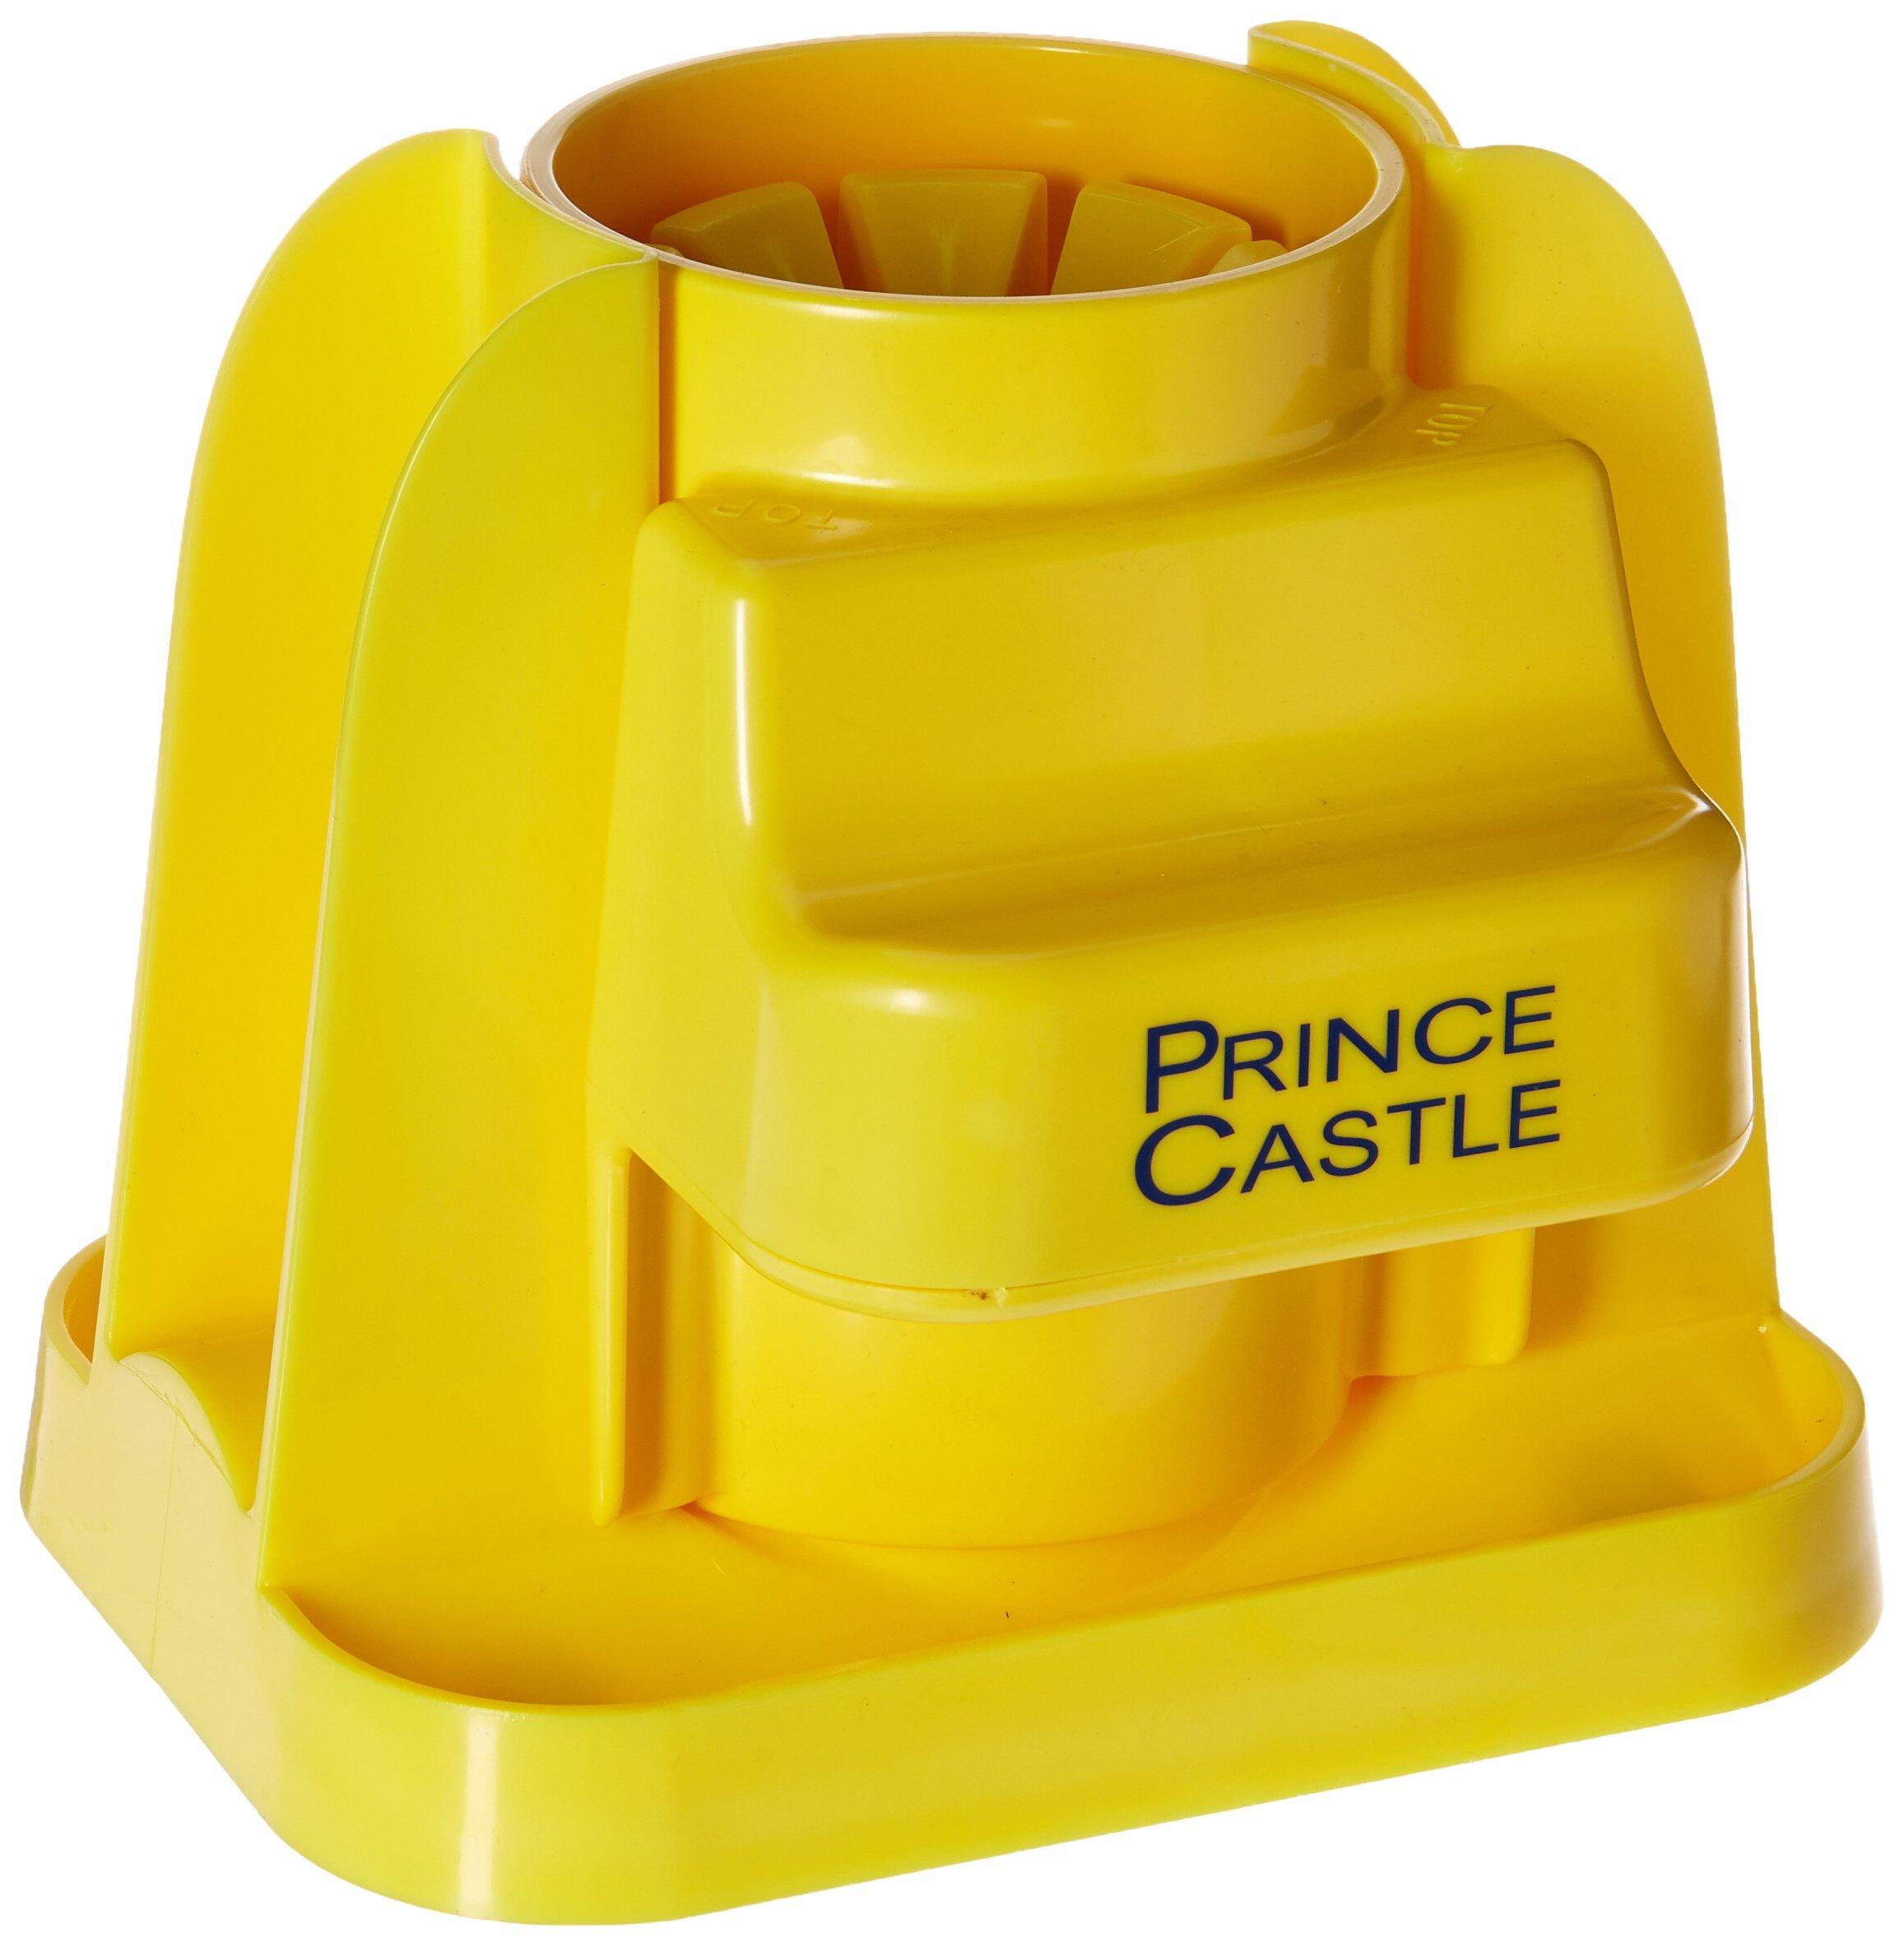 Prince Castle CW-6 Yellow Citrus Saber by Prince Castle